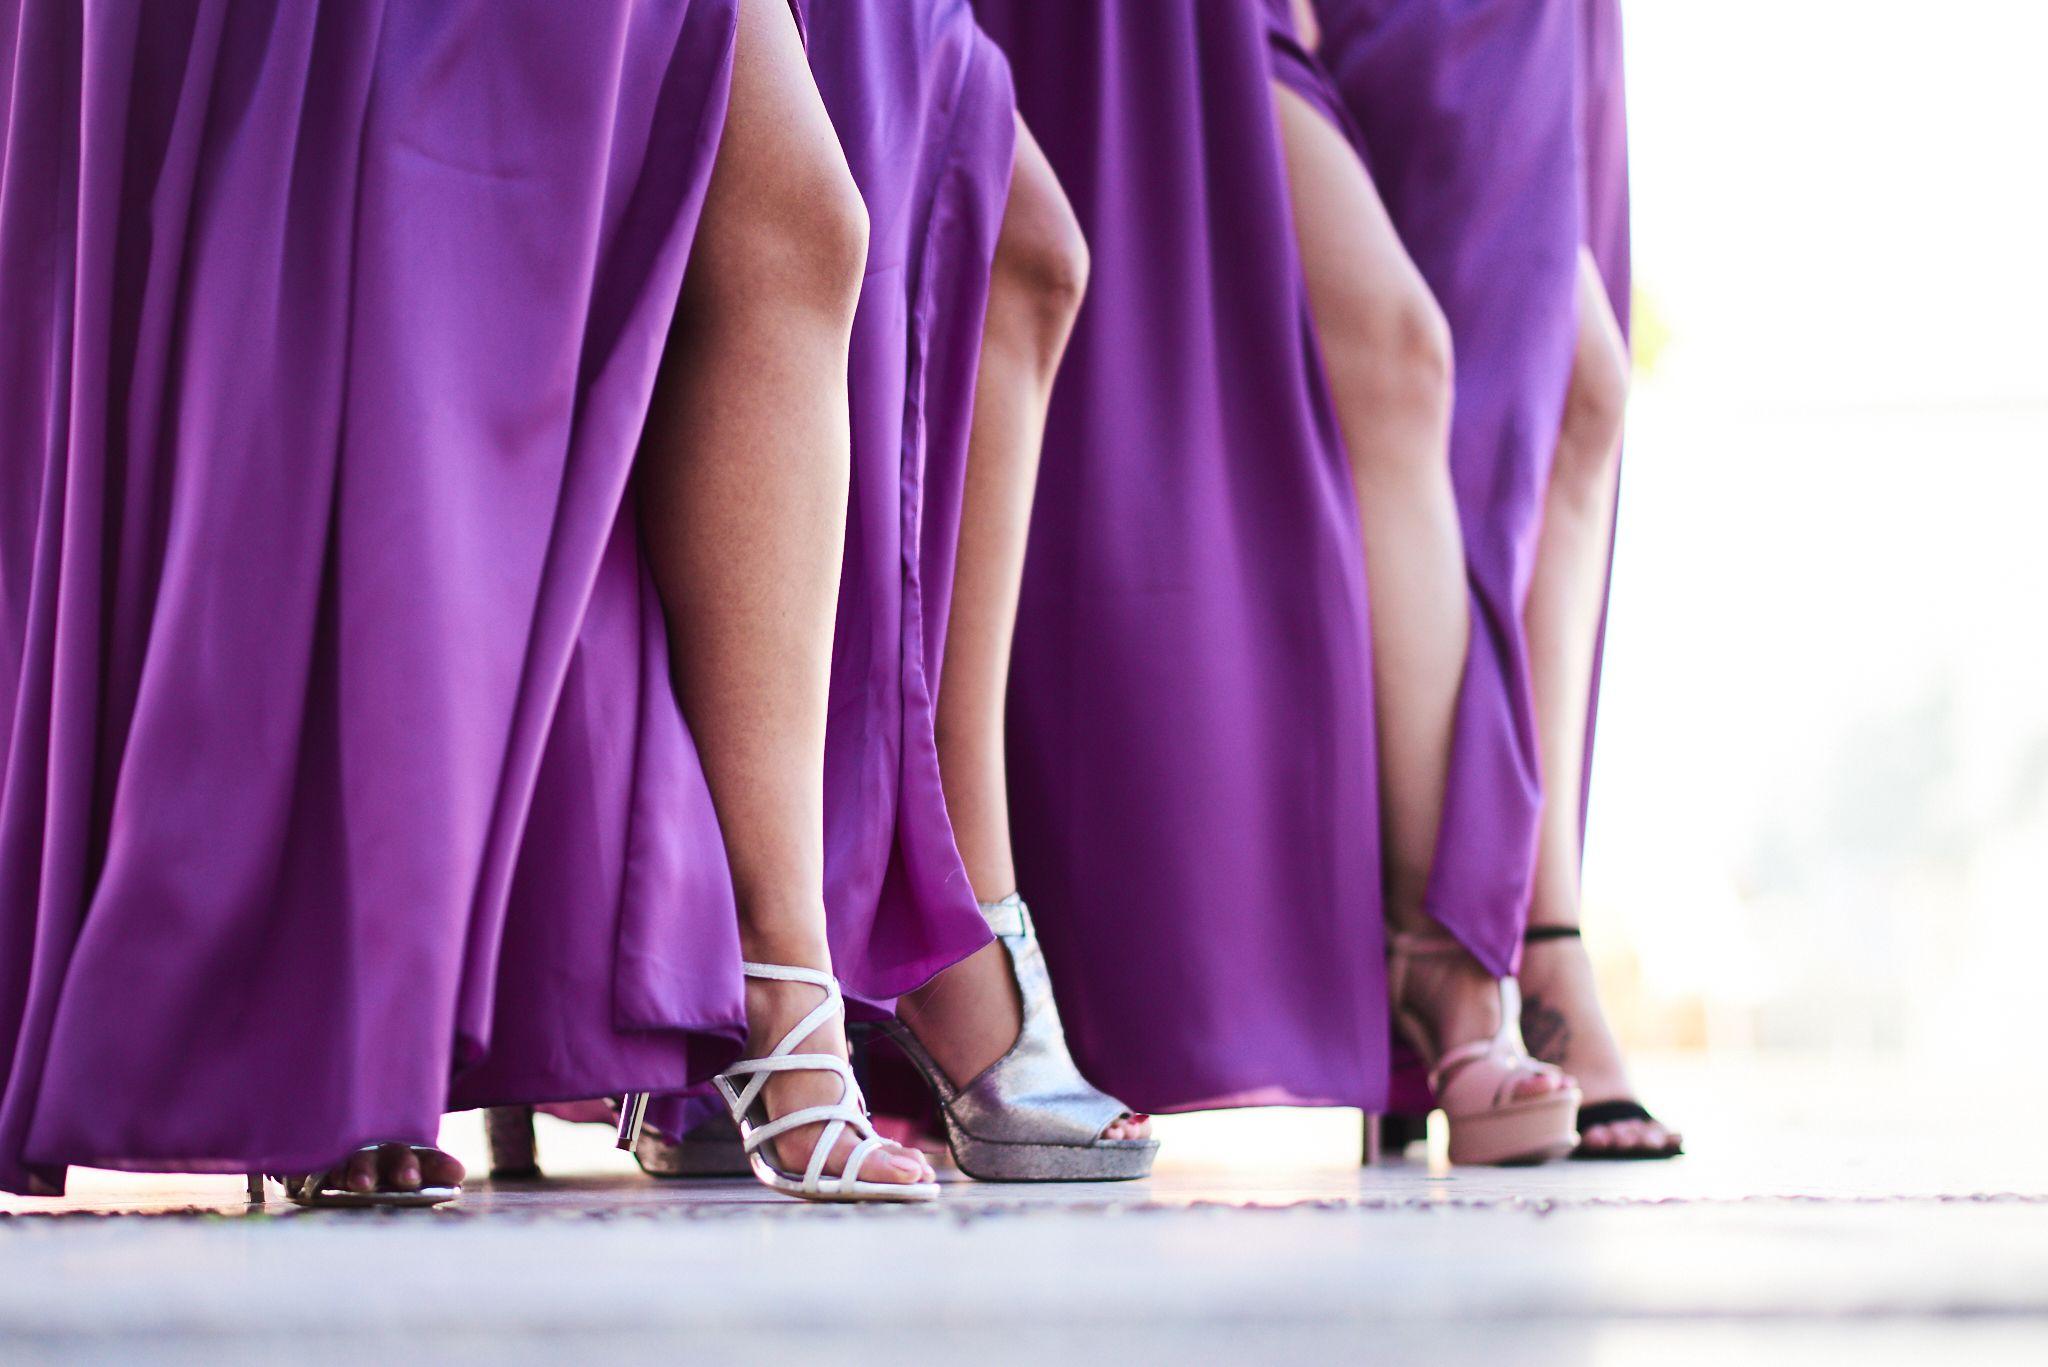 La-22Destination-Wedding22-en-Moguer-de-Lauren-y-JosC3A9-Antonio-JoseAntonio-alejandromarmol1007.jpg